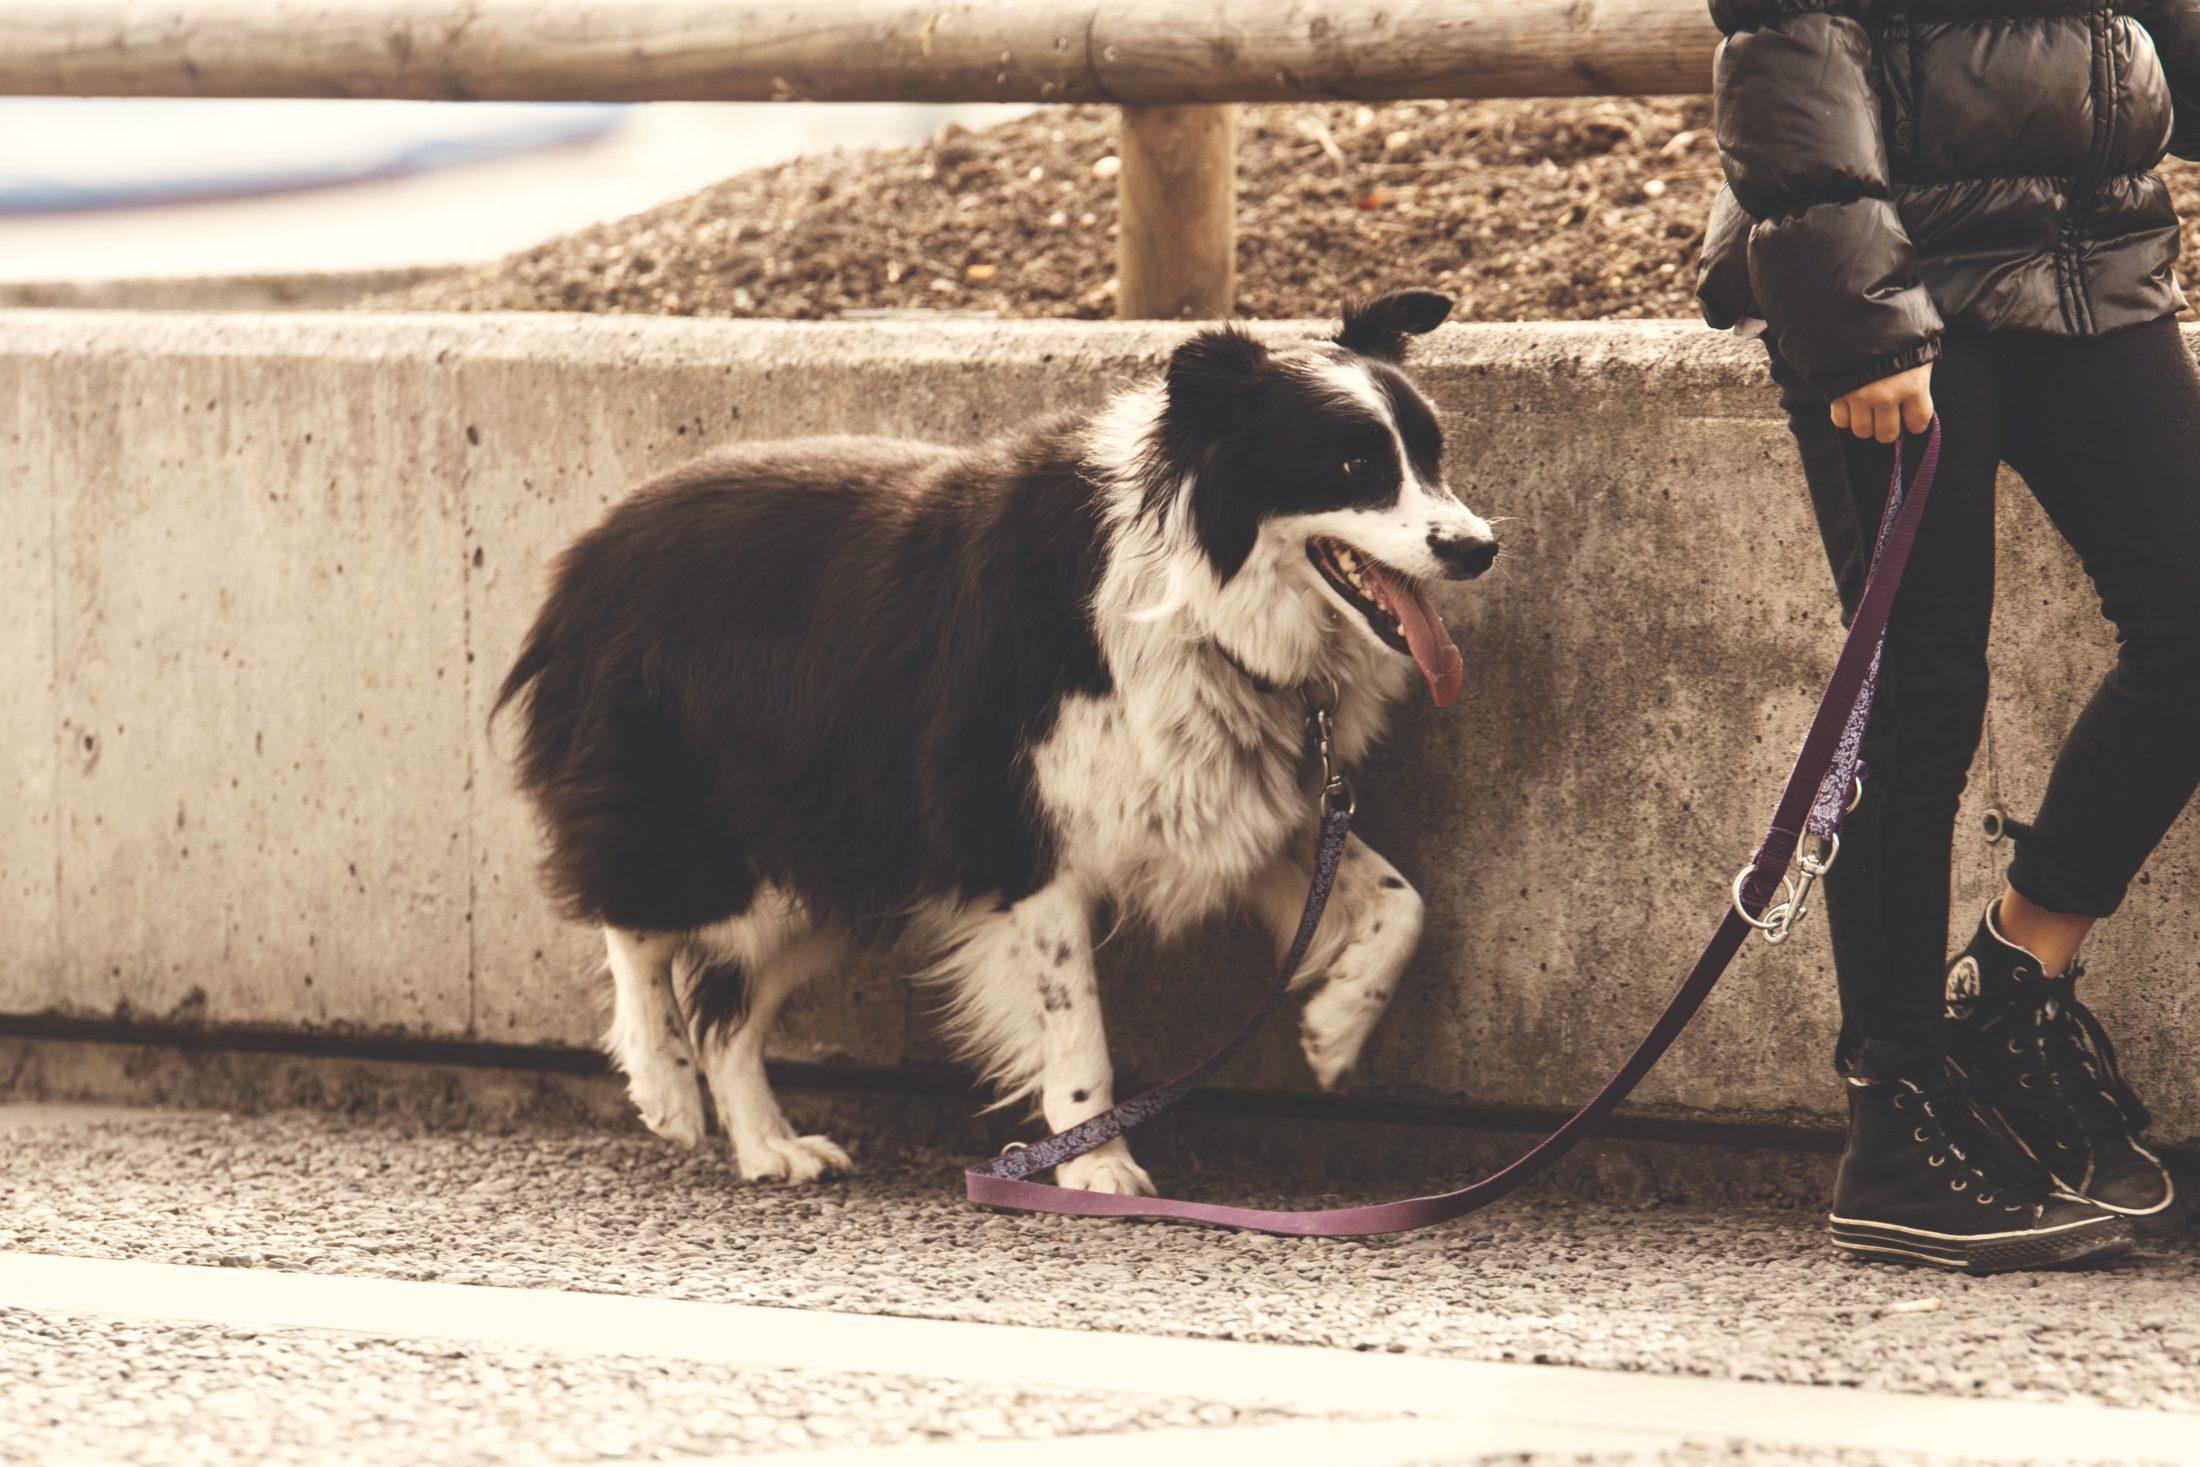 cachorro na coleira passeando com dono